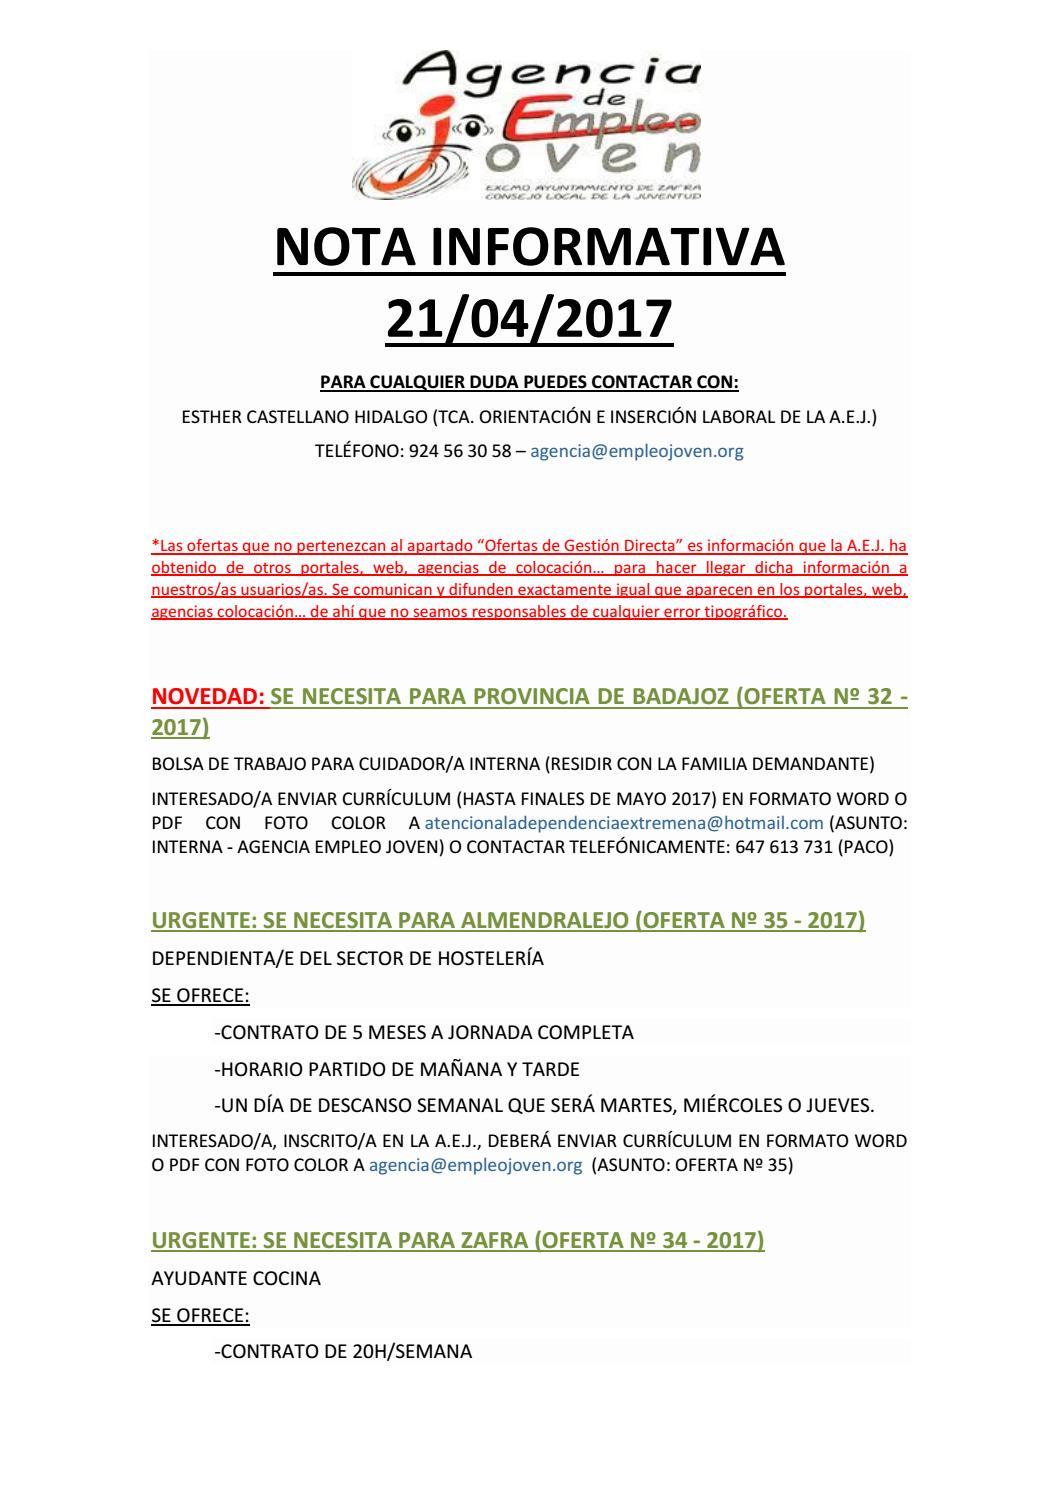 NOTA INFORMATIVA 21/04/2017 by Segura Al Día - issuu